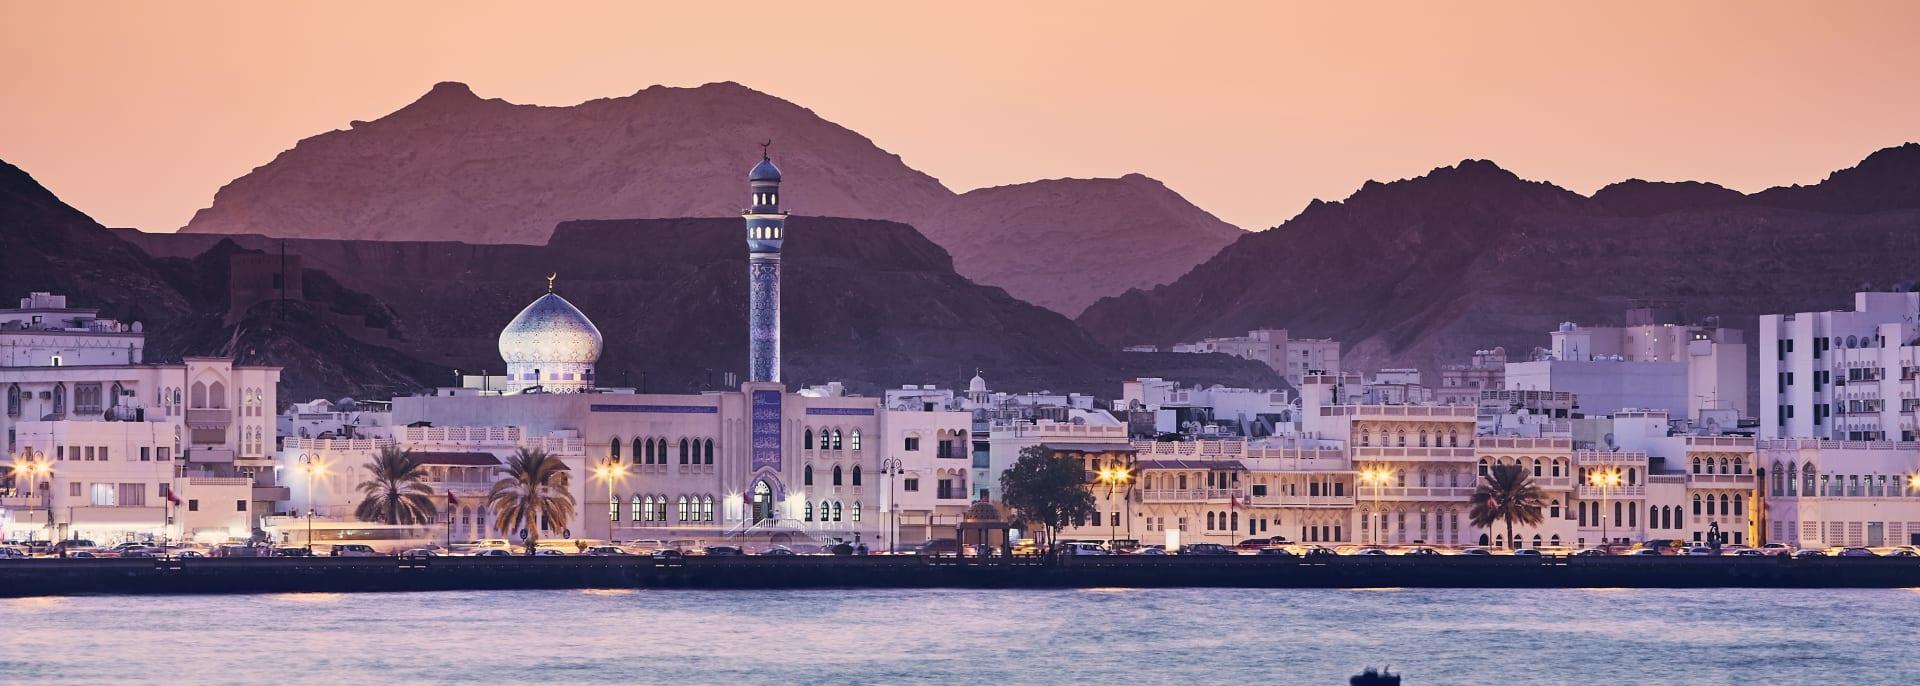 Muscat Stadt, Oman